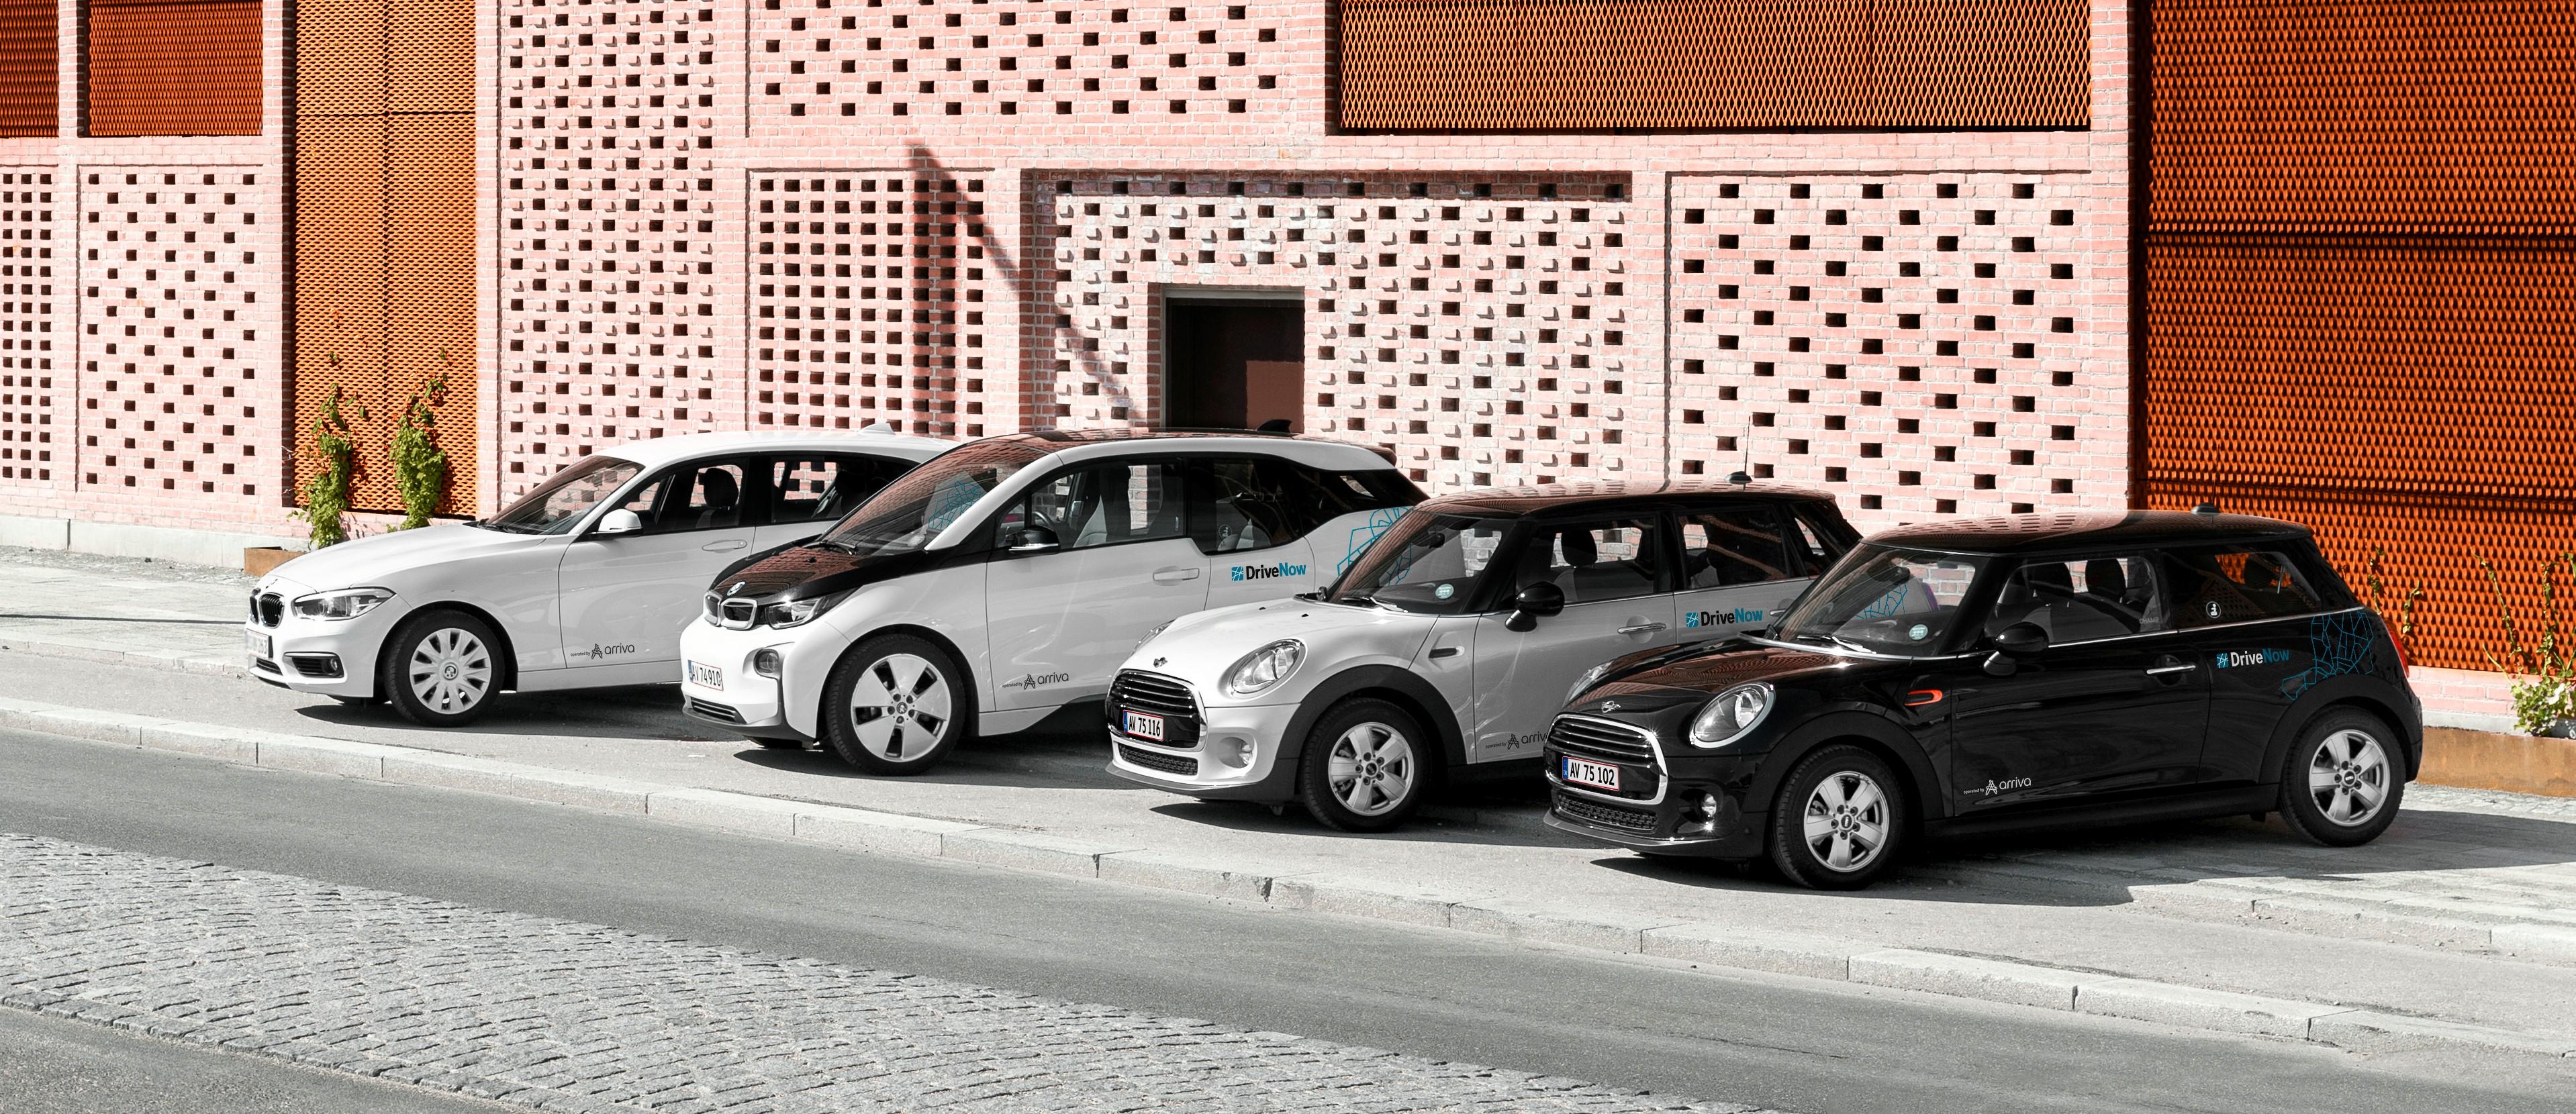 Det københavnske bybilskoncept DriveNow har udvidet sin flåde med 200 biler – herunder BMW 1-serie samt en tre- og femdørs Mini Cooper. Foto: Jasper Carlberg